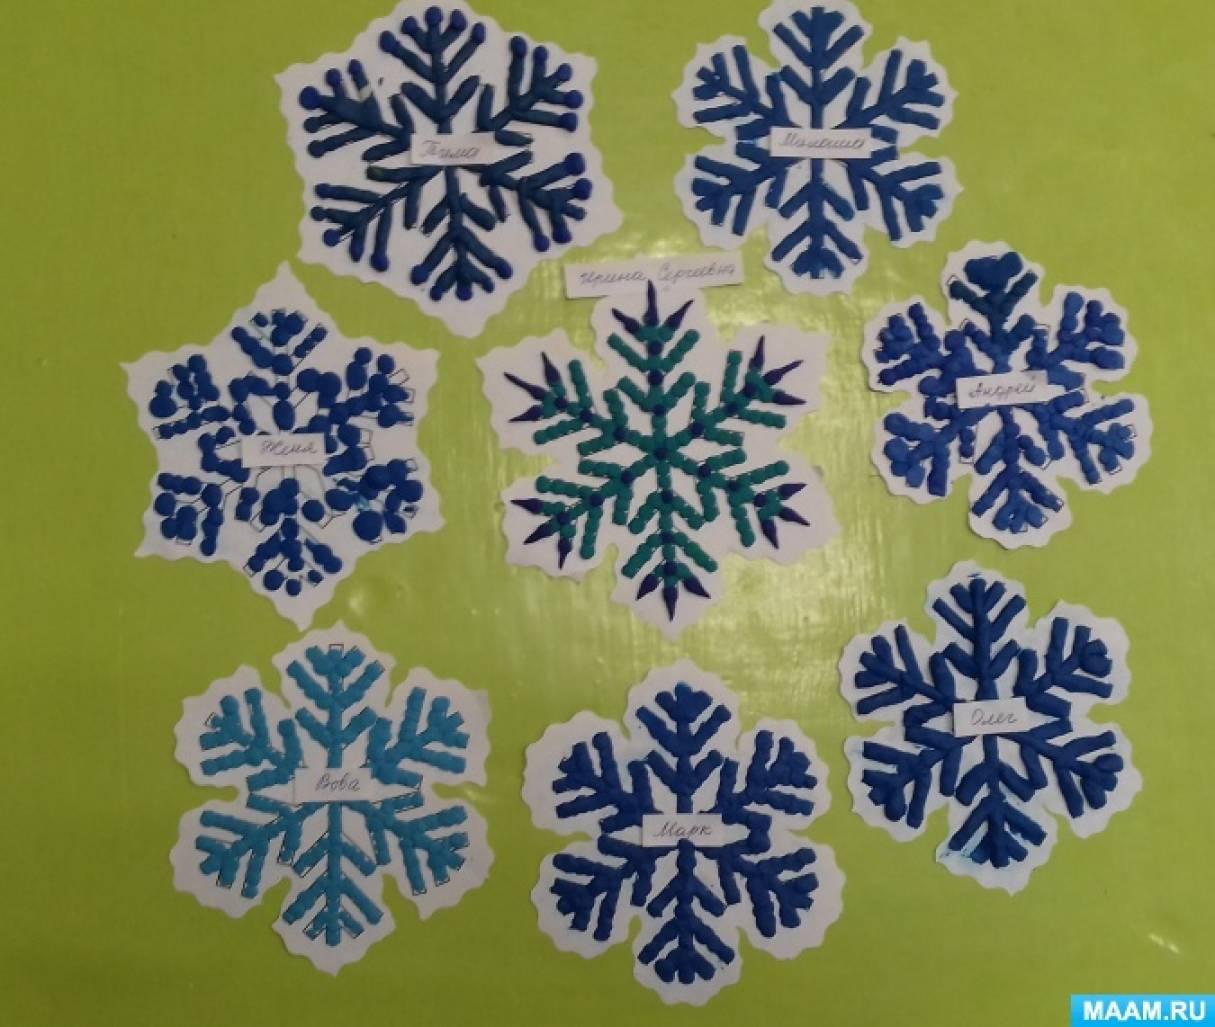 Фотоотчёт о занятии по пластилинографии с детьми 5–6 лет на тему «Снежинка»